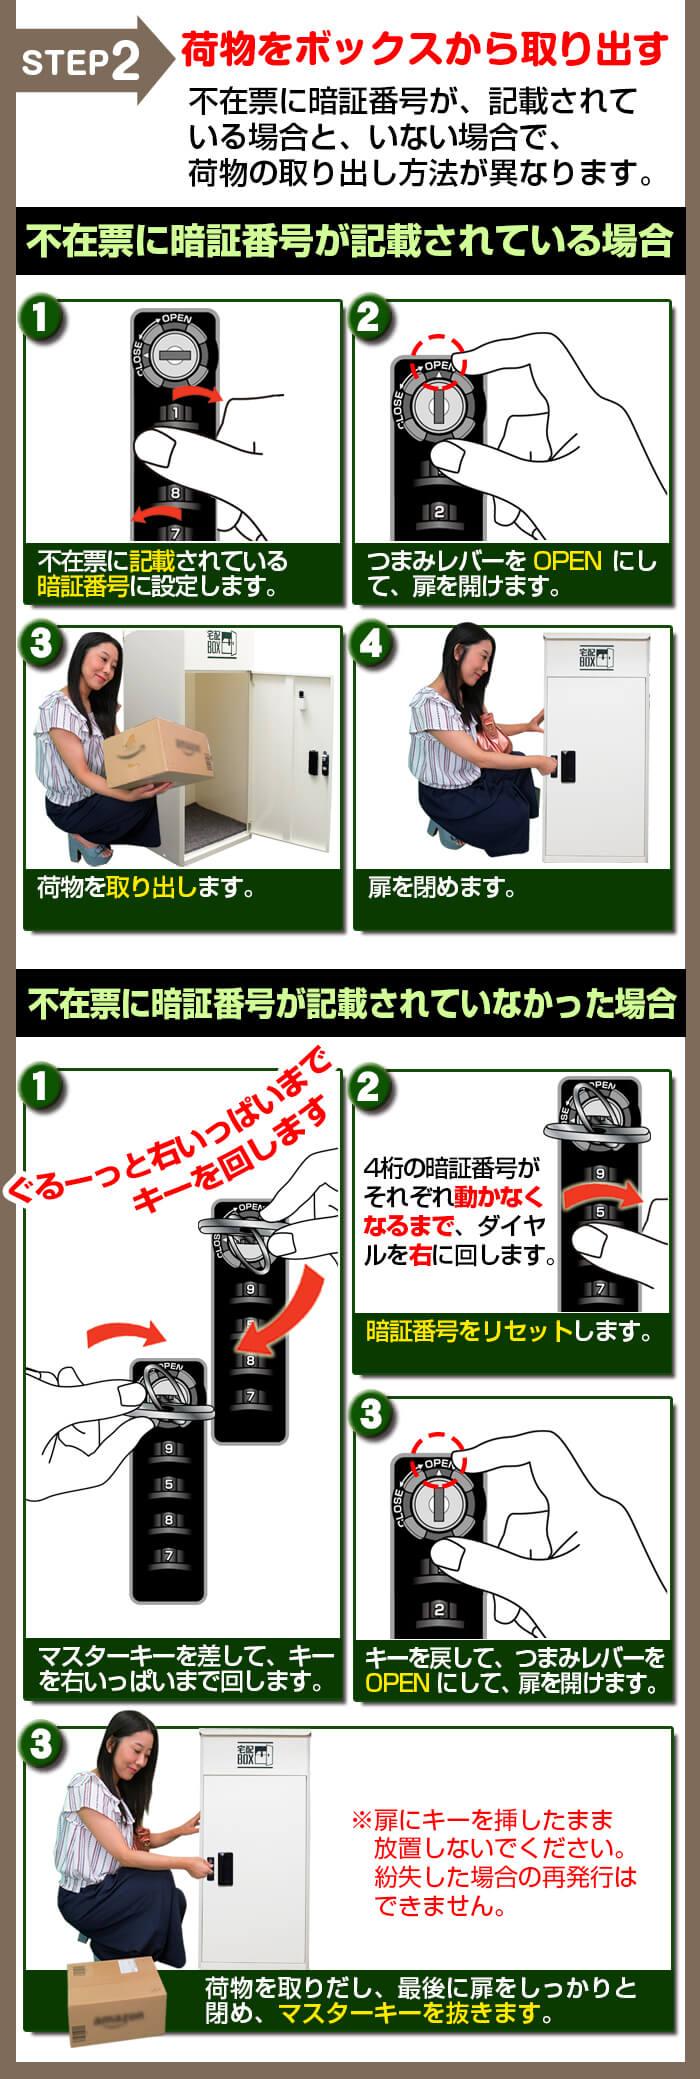 ルスネコボックスの使い方2